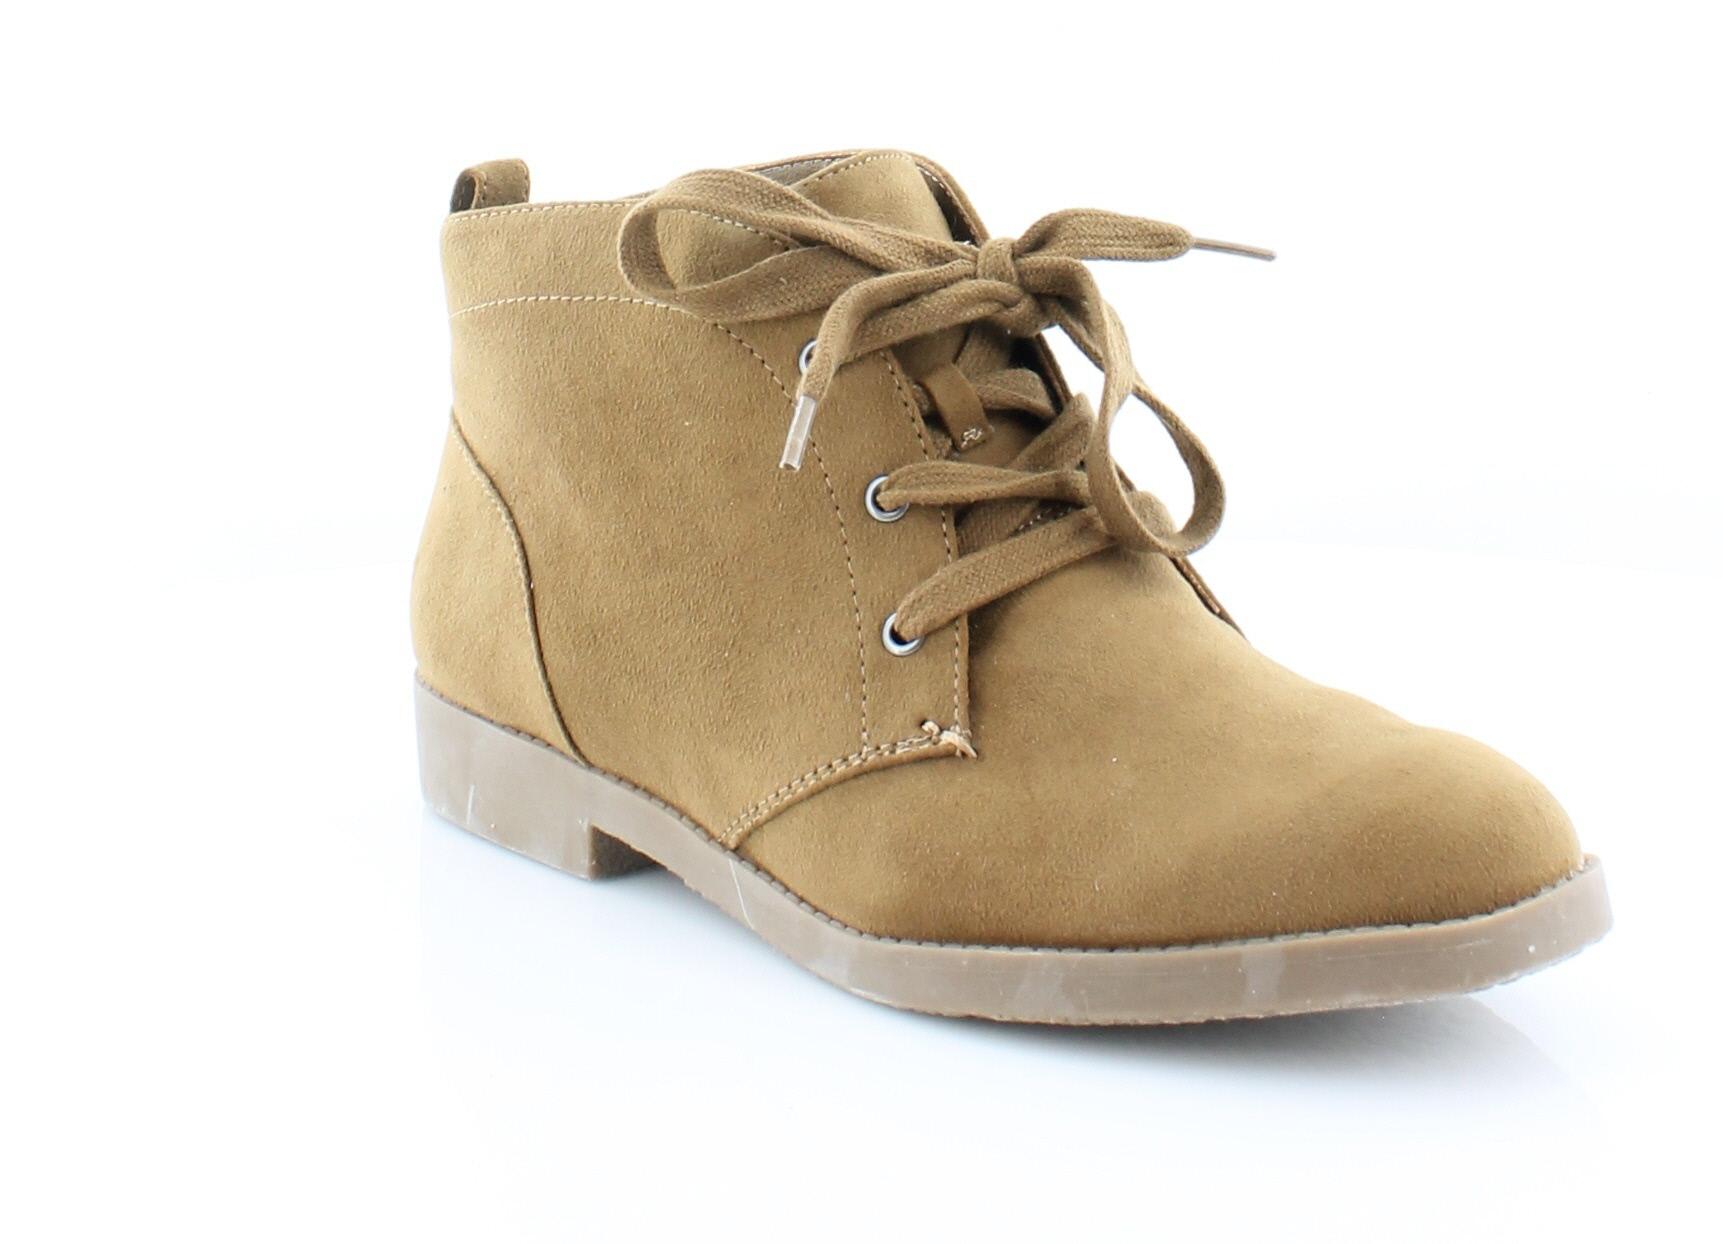 Nasty Gal Dark Star Ankle Boots Black Suedette MM1 Women's Size 7